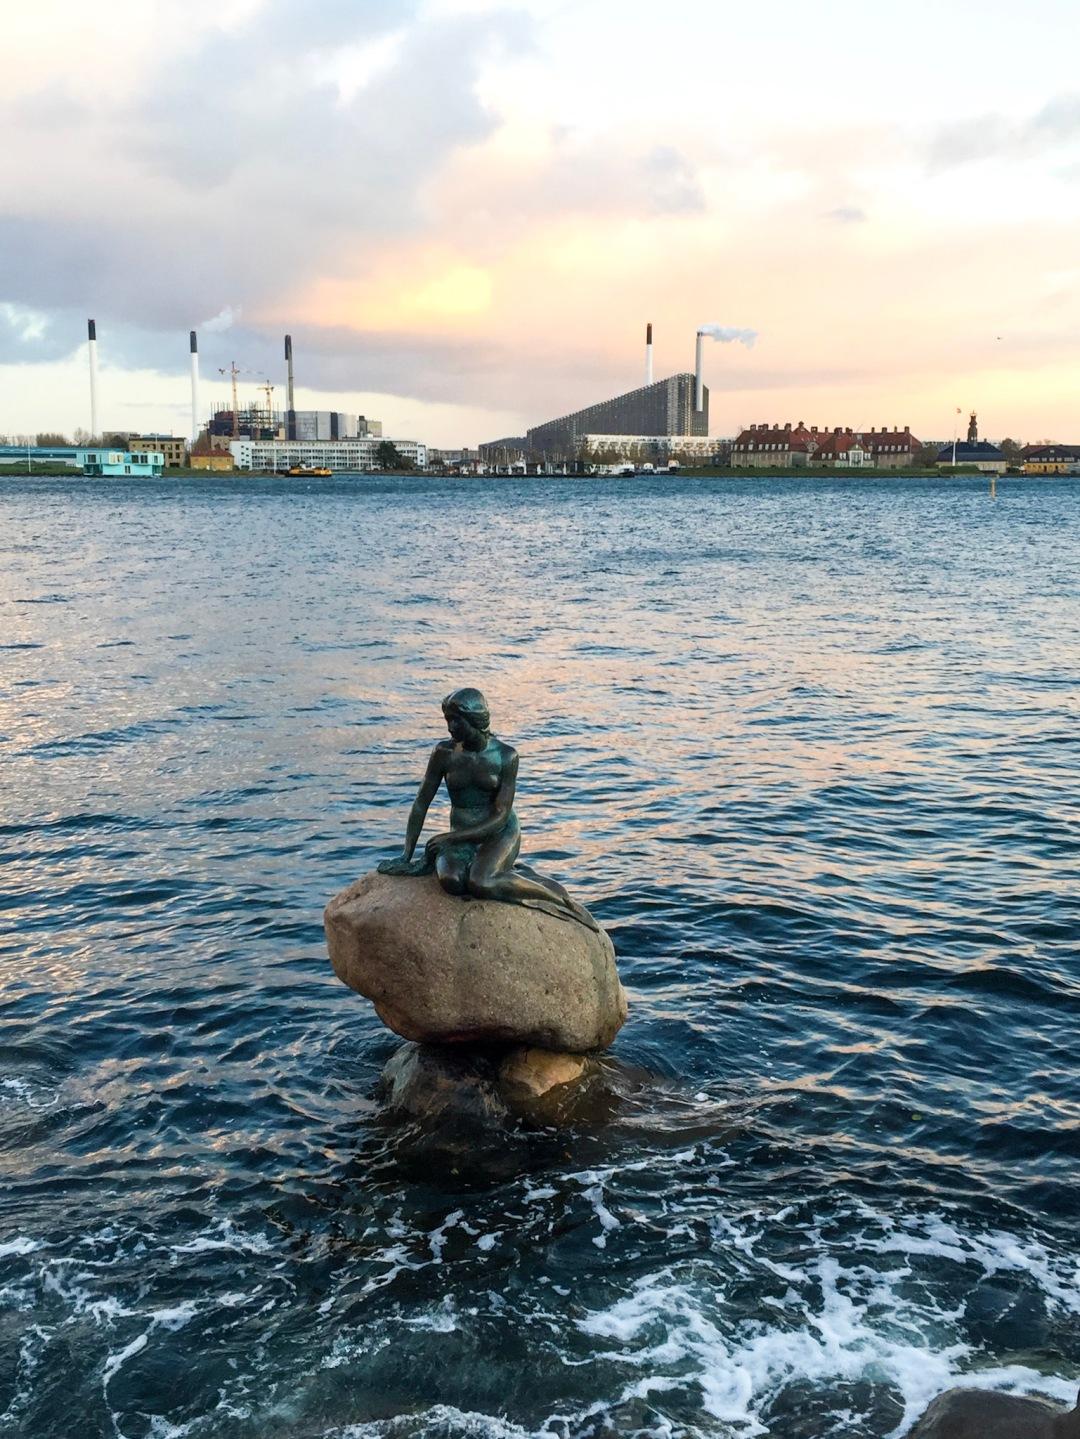 Den Lille Havfrue - The Little Mermaid statue Copenhagen